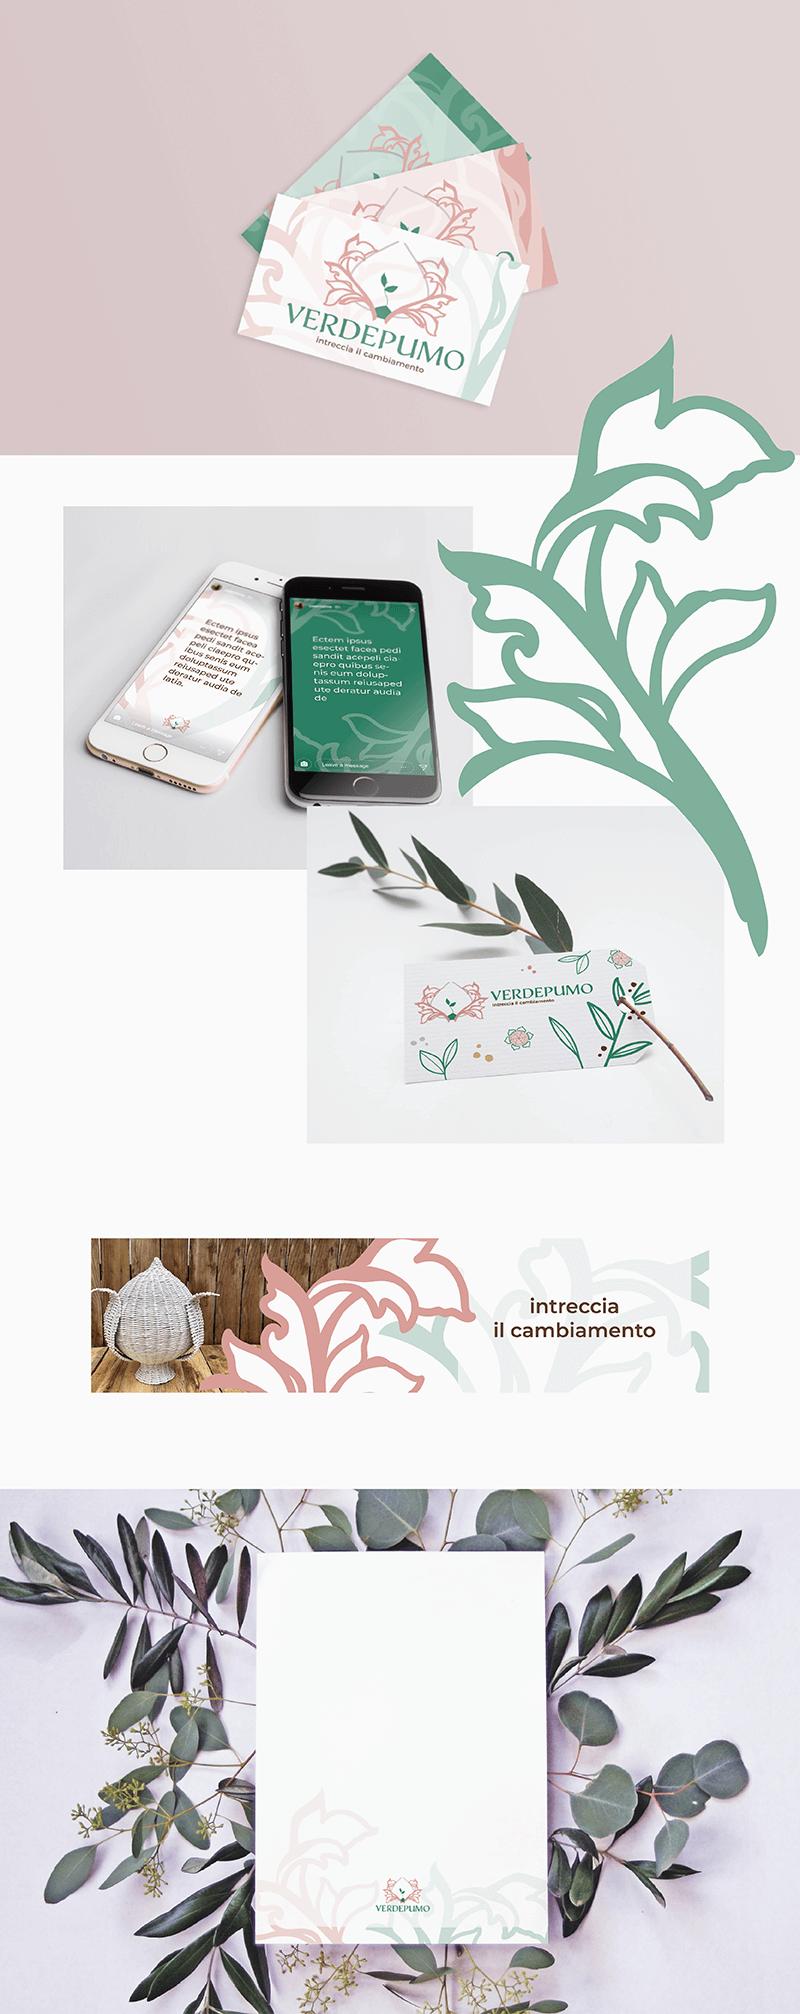 Portfolio-Laura-Calascibetta-graphic-designer-Verdepumo-applicazioni